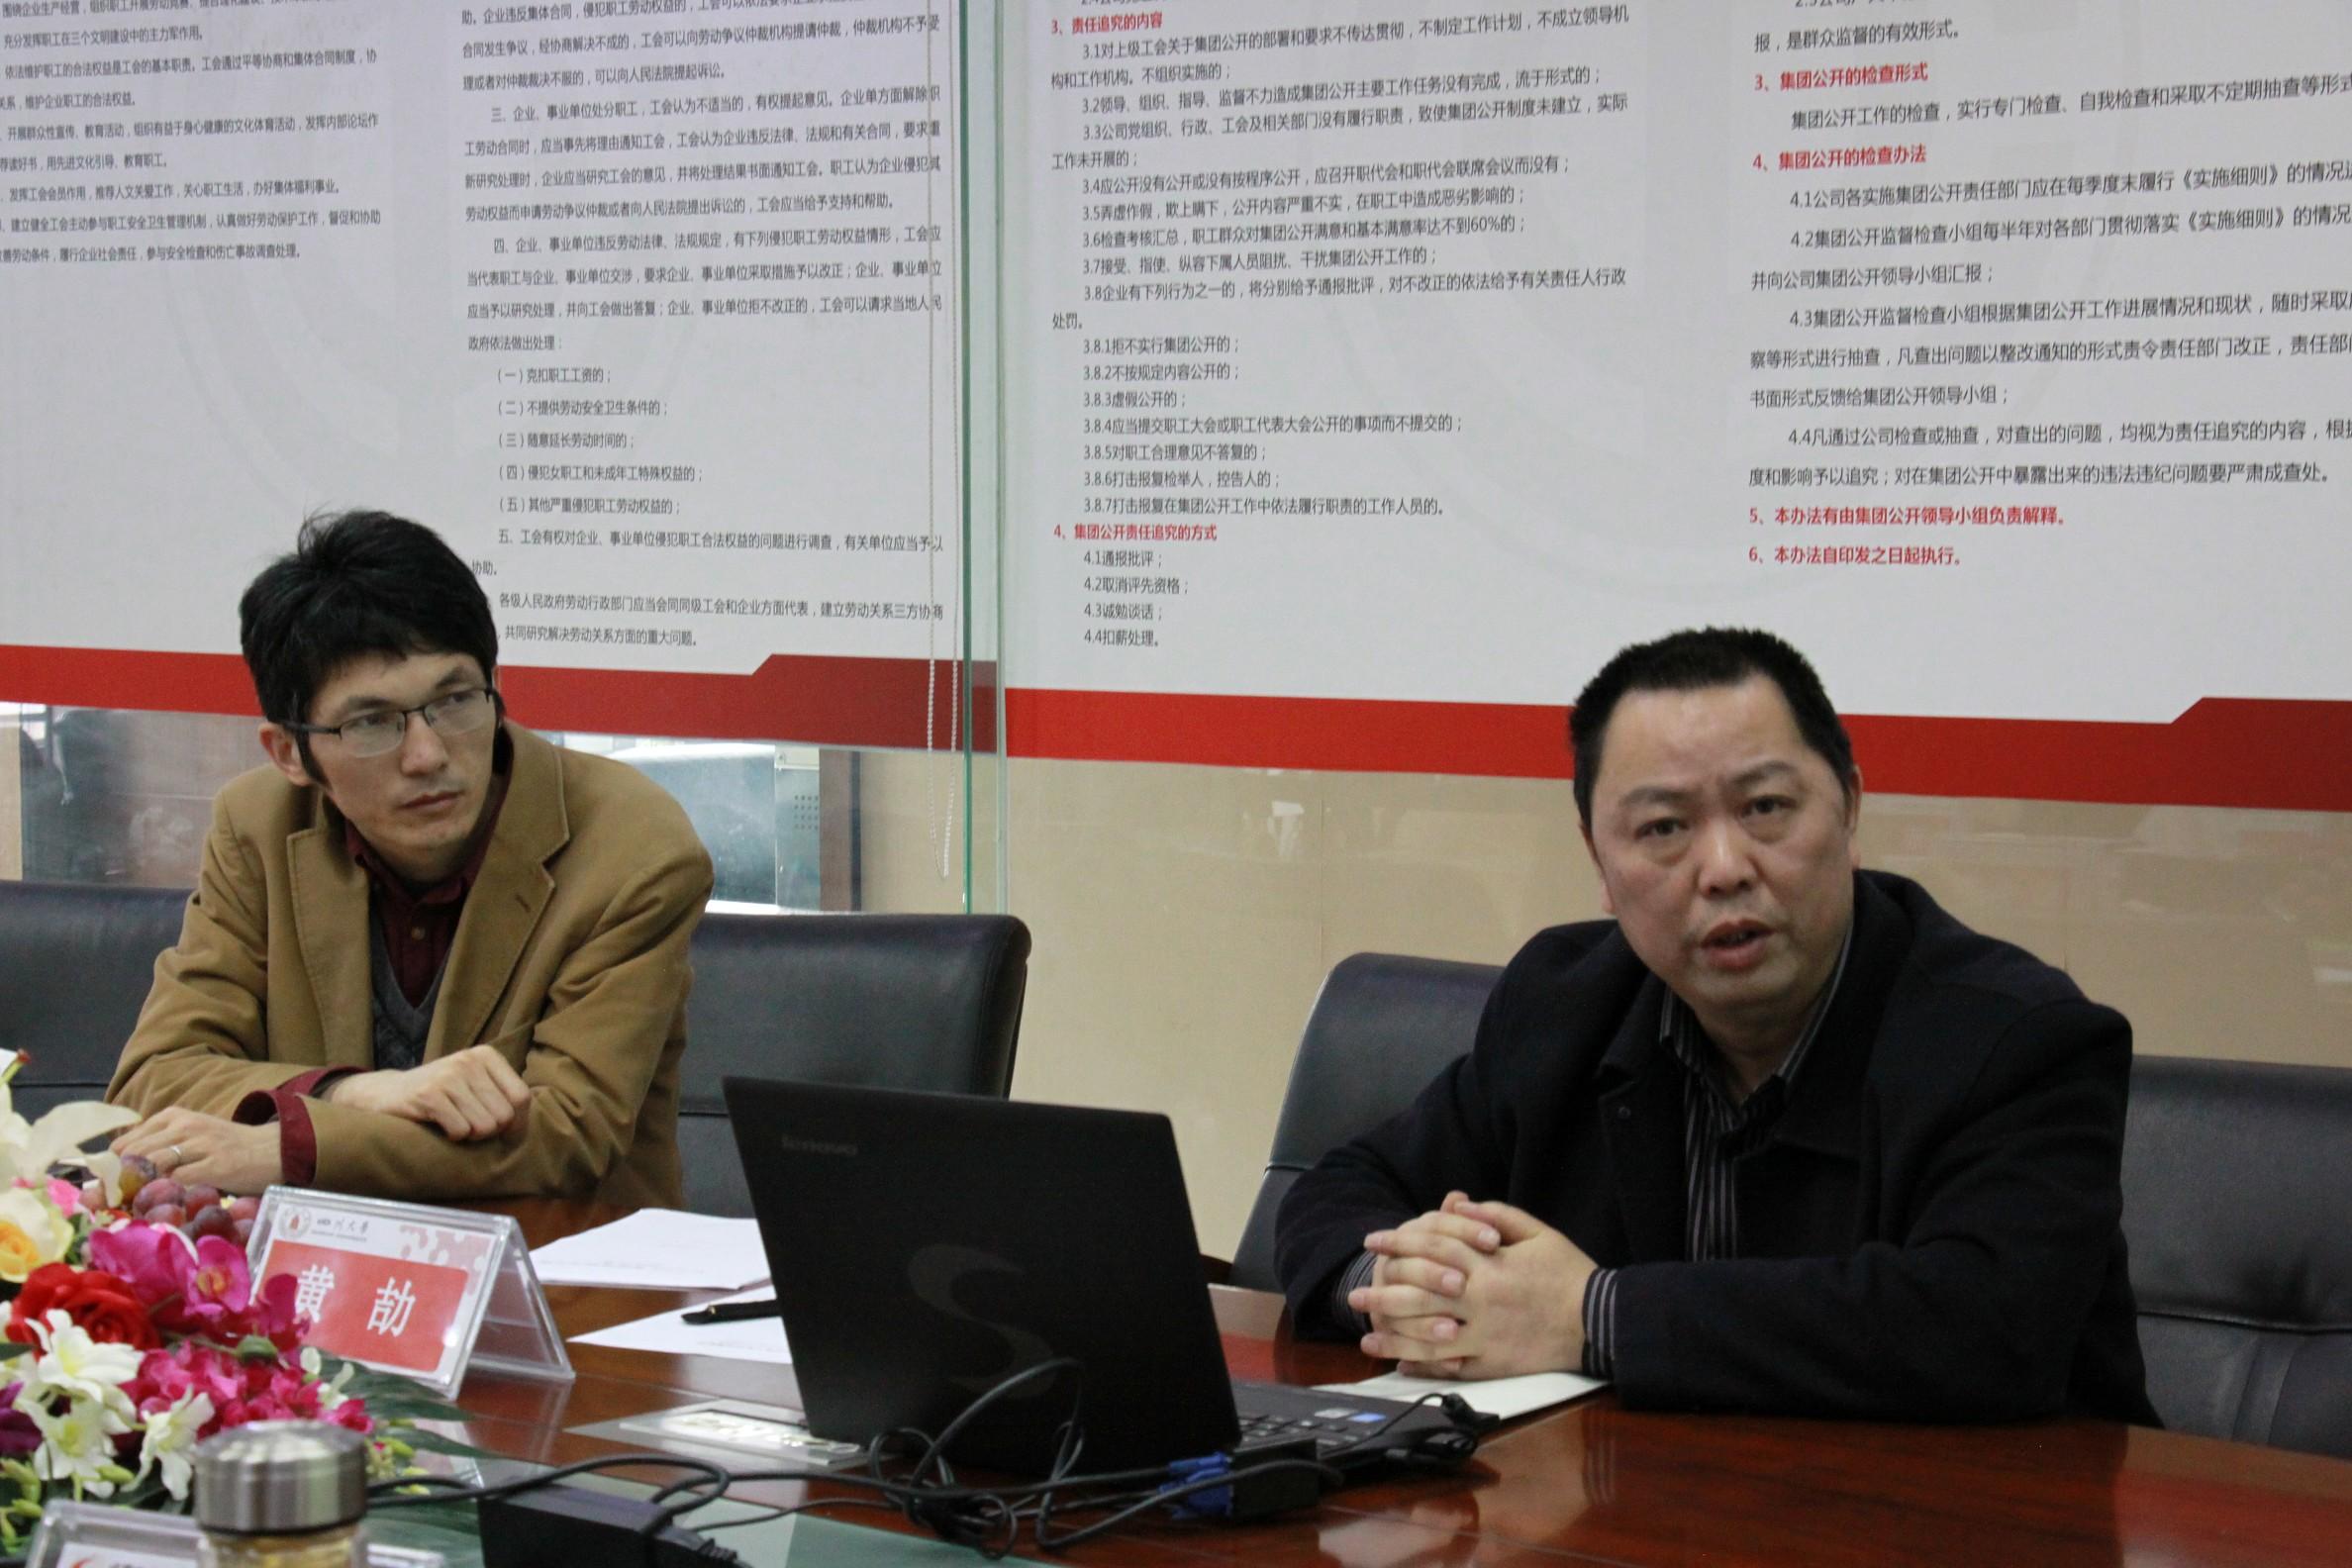 四川大学黄劼教授、陆小龙博士来集团公司进行技术交流